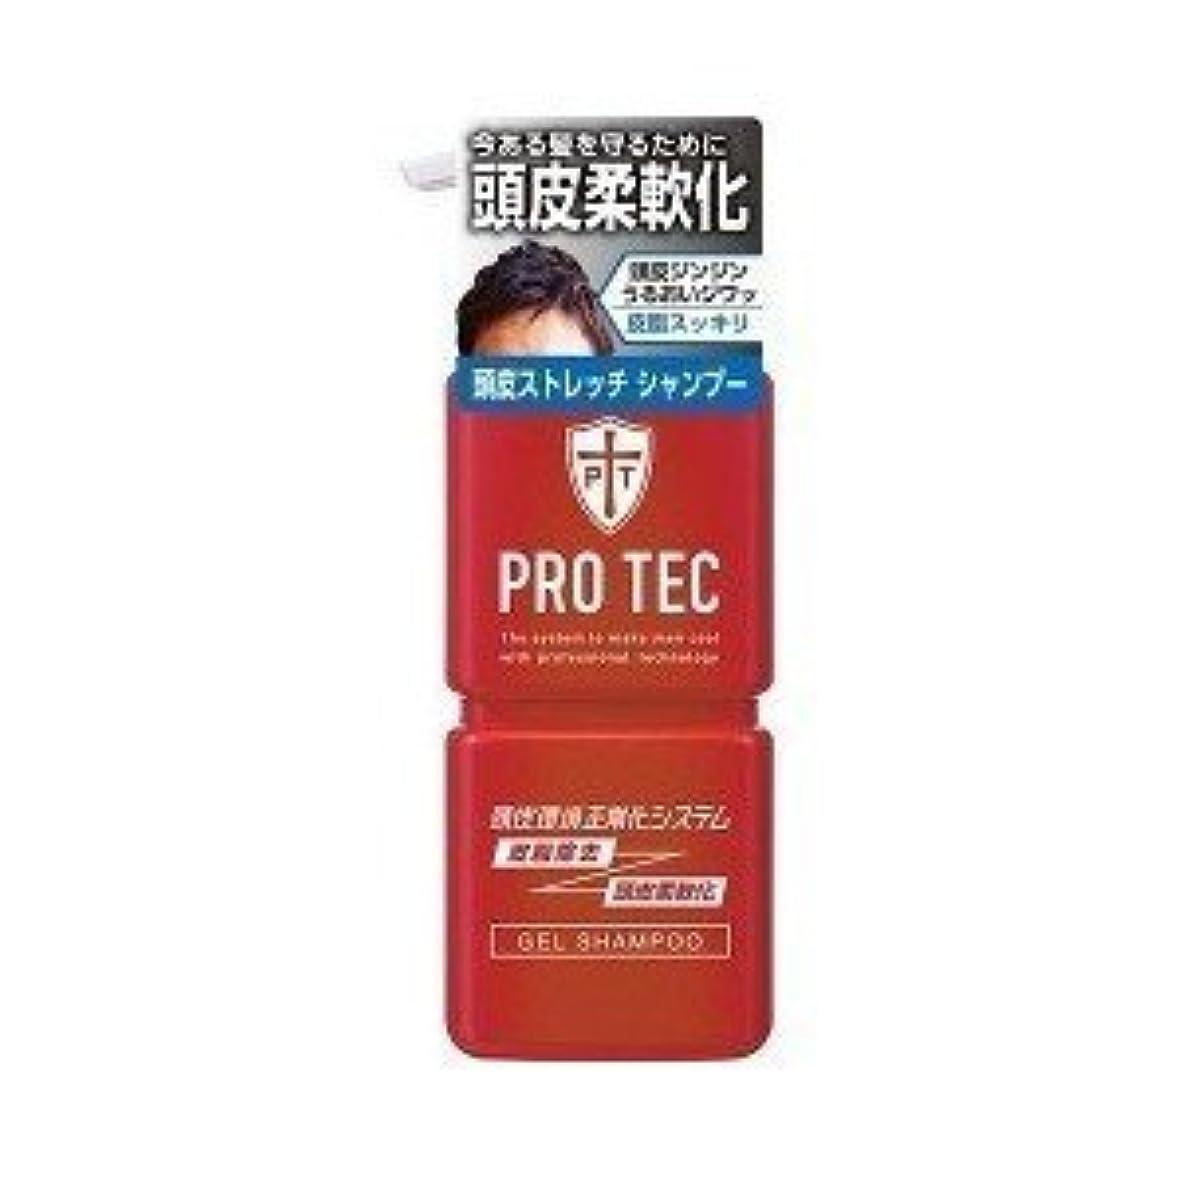 パスジェム日焼け(ライオン)PRO TEC(プロテク) 頭皮ストレッチ シャンプー ポンプ 300g(医薬部外品)